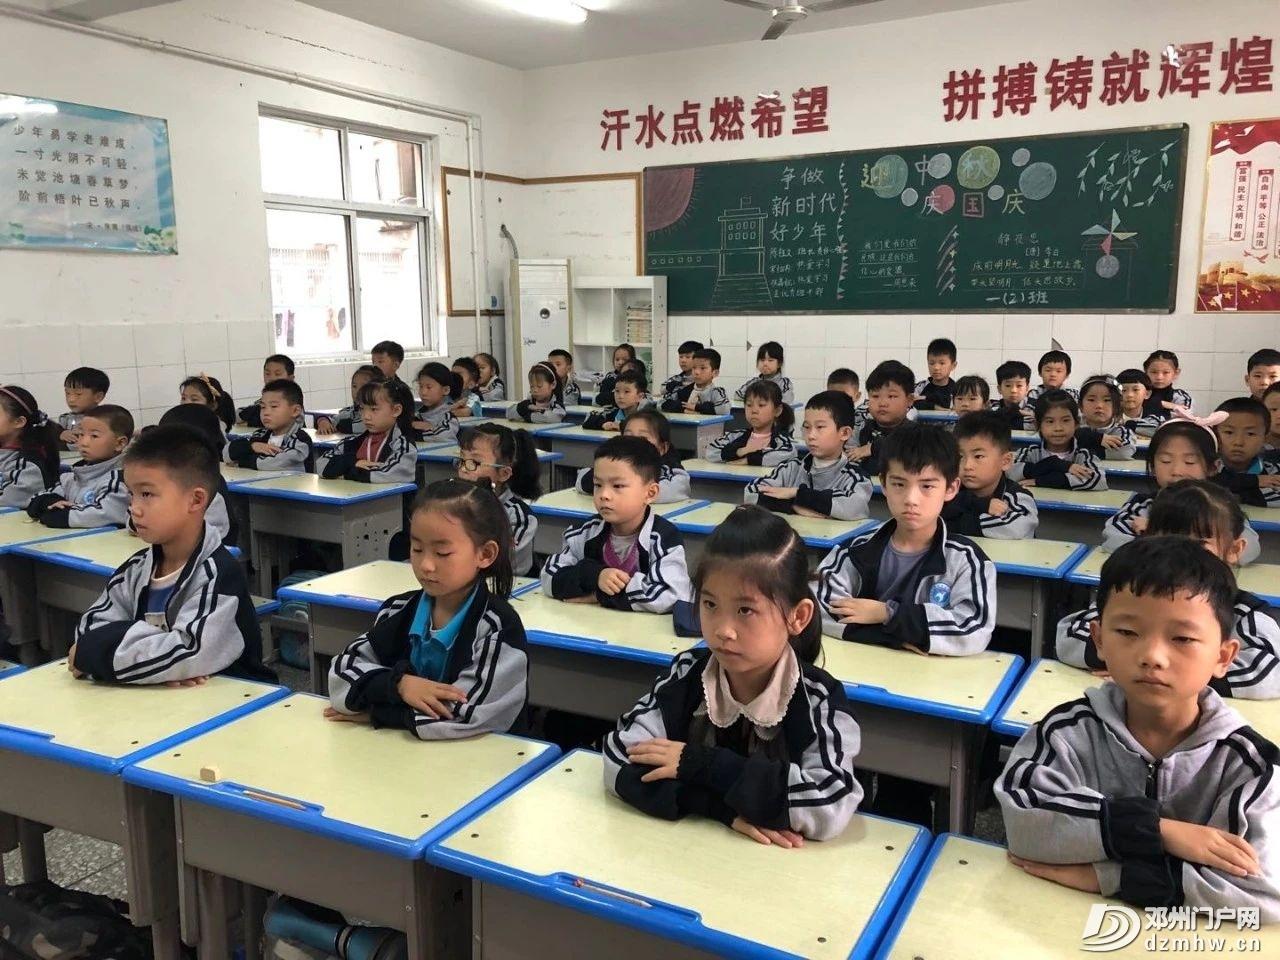 邓州市致远实验学校:红领巾相约中国梦 争做新时代好队员 - 邓州门户网|邓州网 - 96bbd681fad4a8d643378f0bddd17d47.jpg